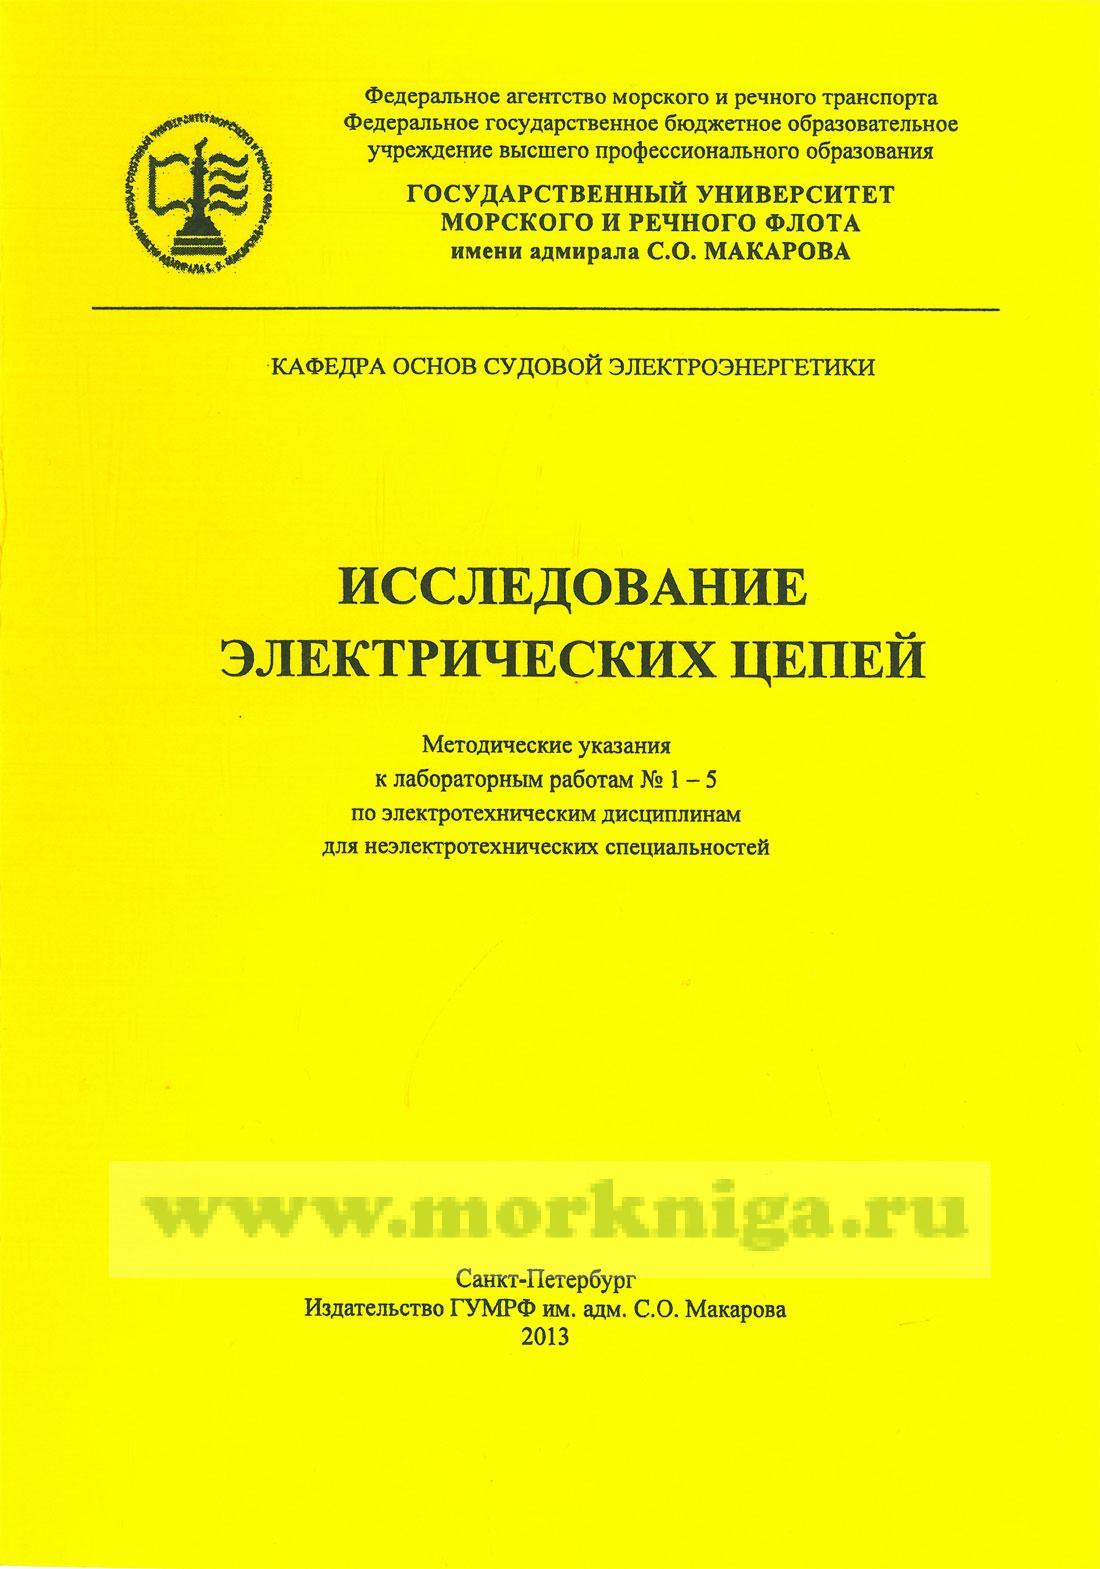 Исследование электрических цепей: методические указания к лабораторным работа № 1-5